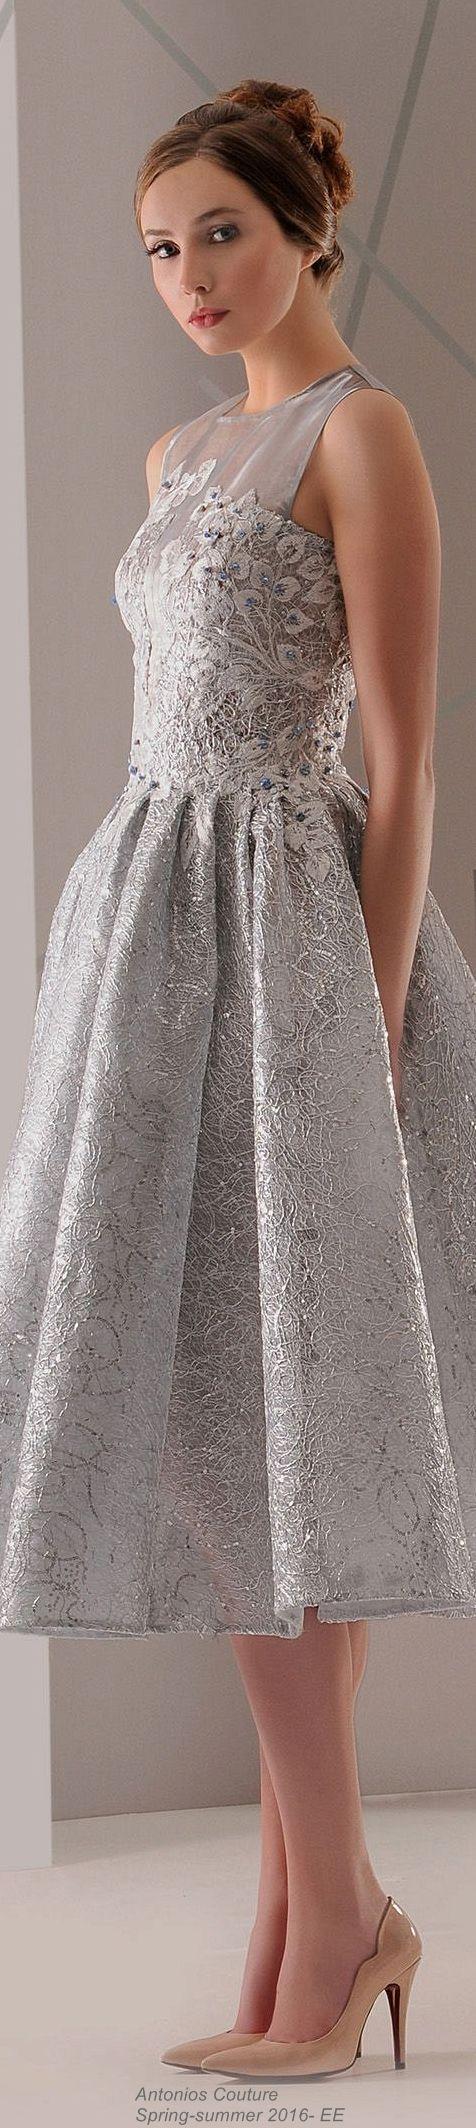 Antonios Couture Primavera-Verão 2016- EE: